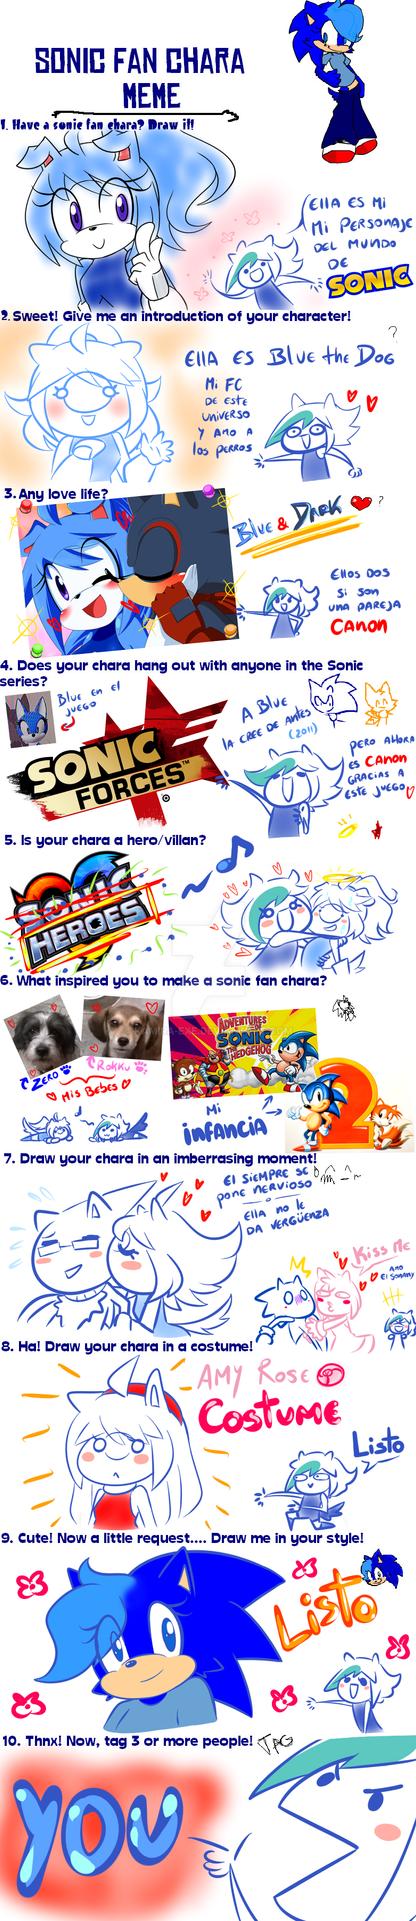 Sonic Fan Chara Meme By Snorechu by Kamira-Exe